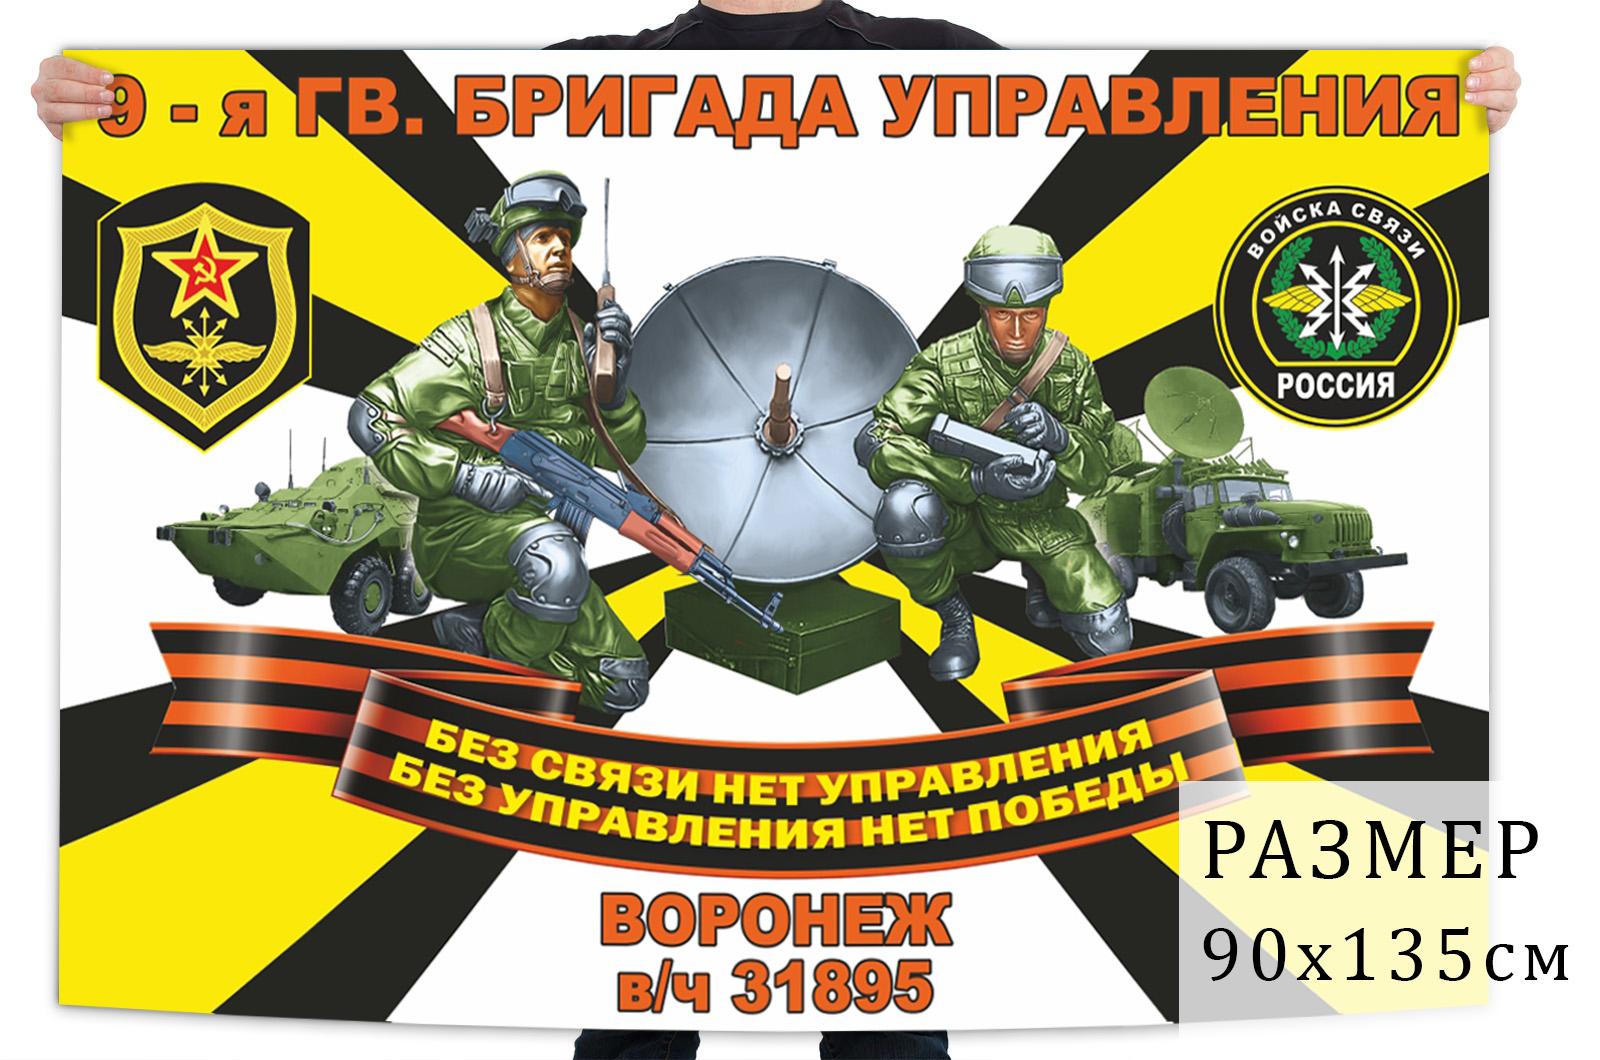 Флаг 9 гвардейской бригады управления войск связи